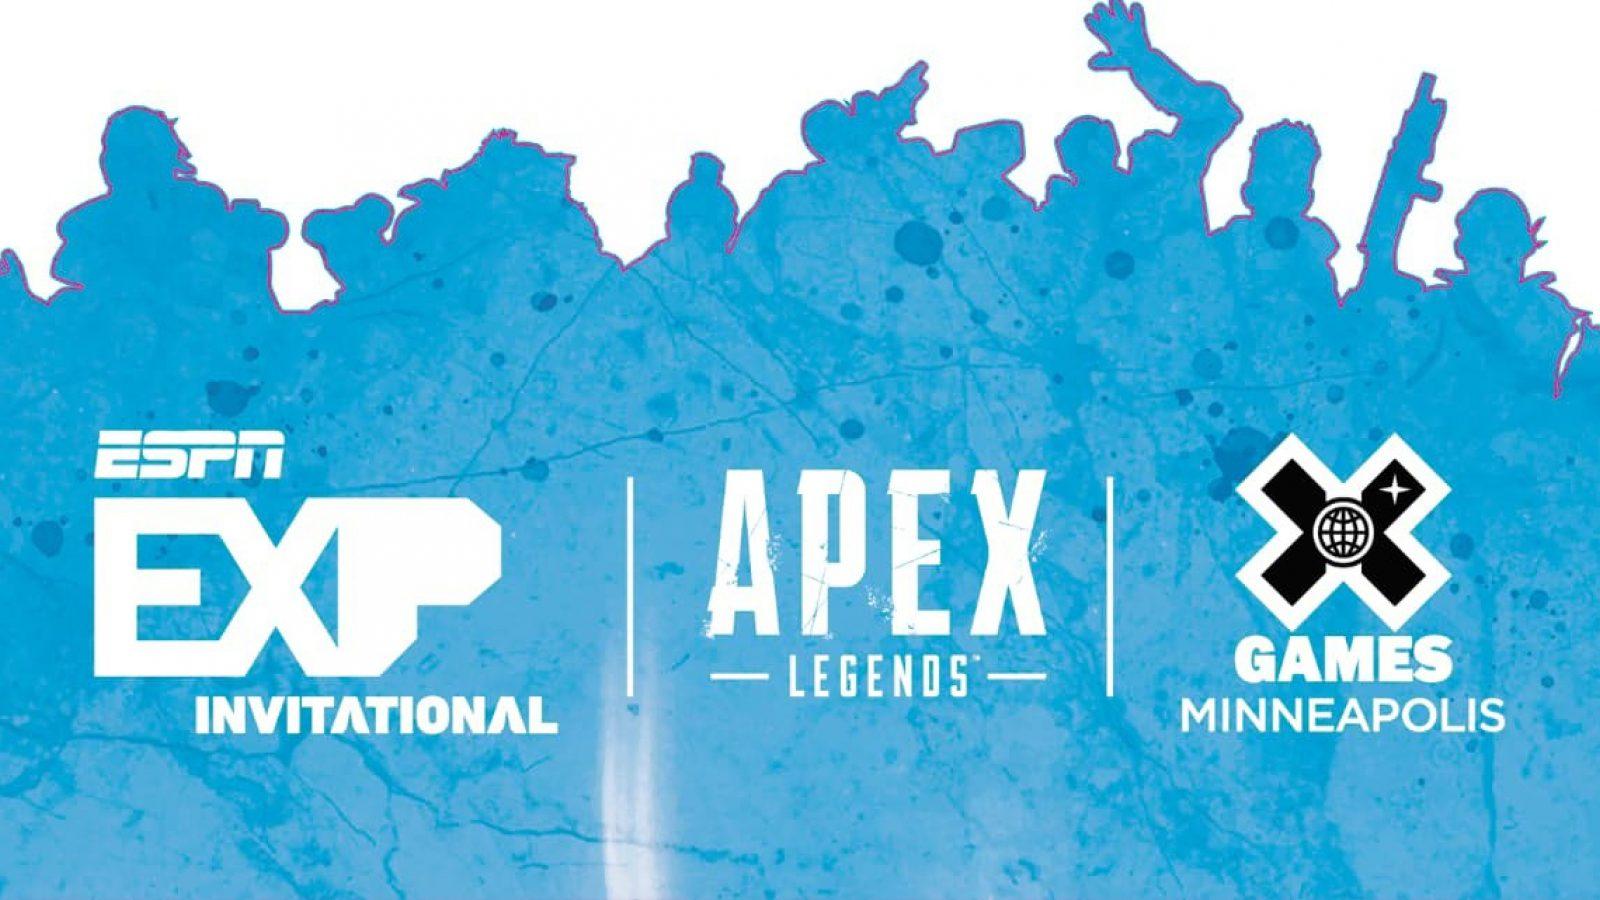 [Apex Legend] Giải đấu Apex Legends bị hủy phát sóng khỏi ESPN sau vụ xả súng hàng loạt.